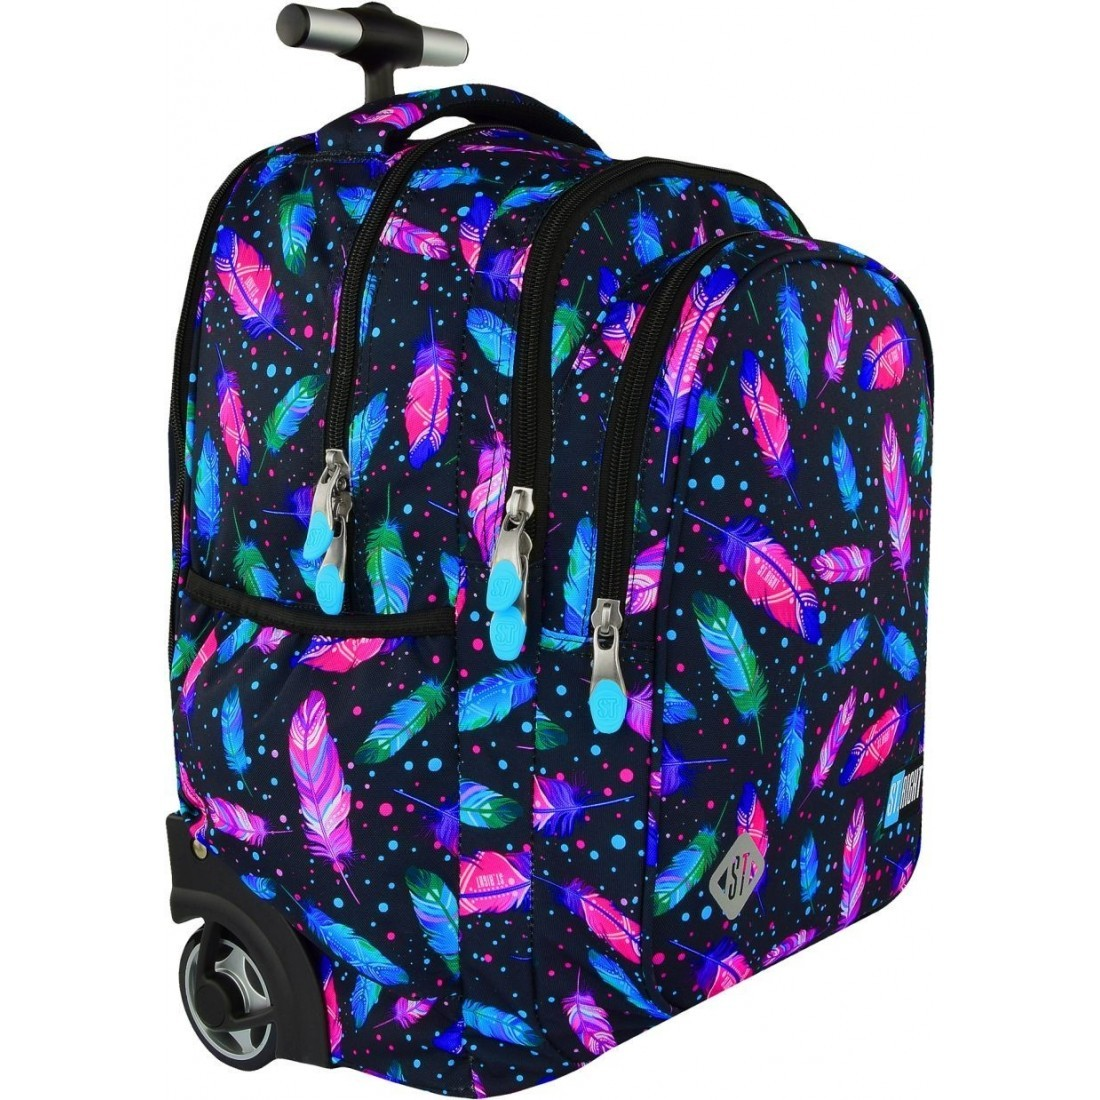 2e642d44398a6 ... Plecak na kółkach ST.RIGHT FEATHERS kolorowe piórka dla dziewczyn HIT  2018 ...